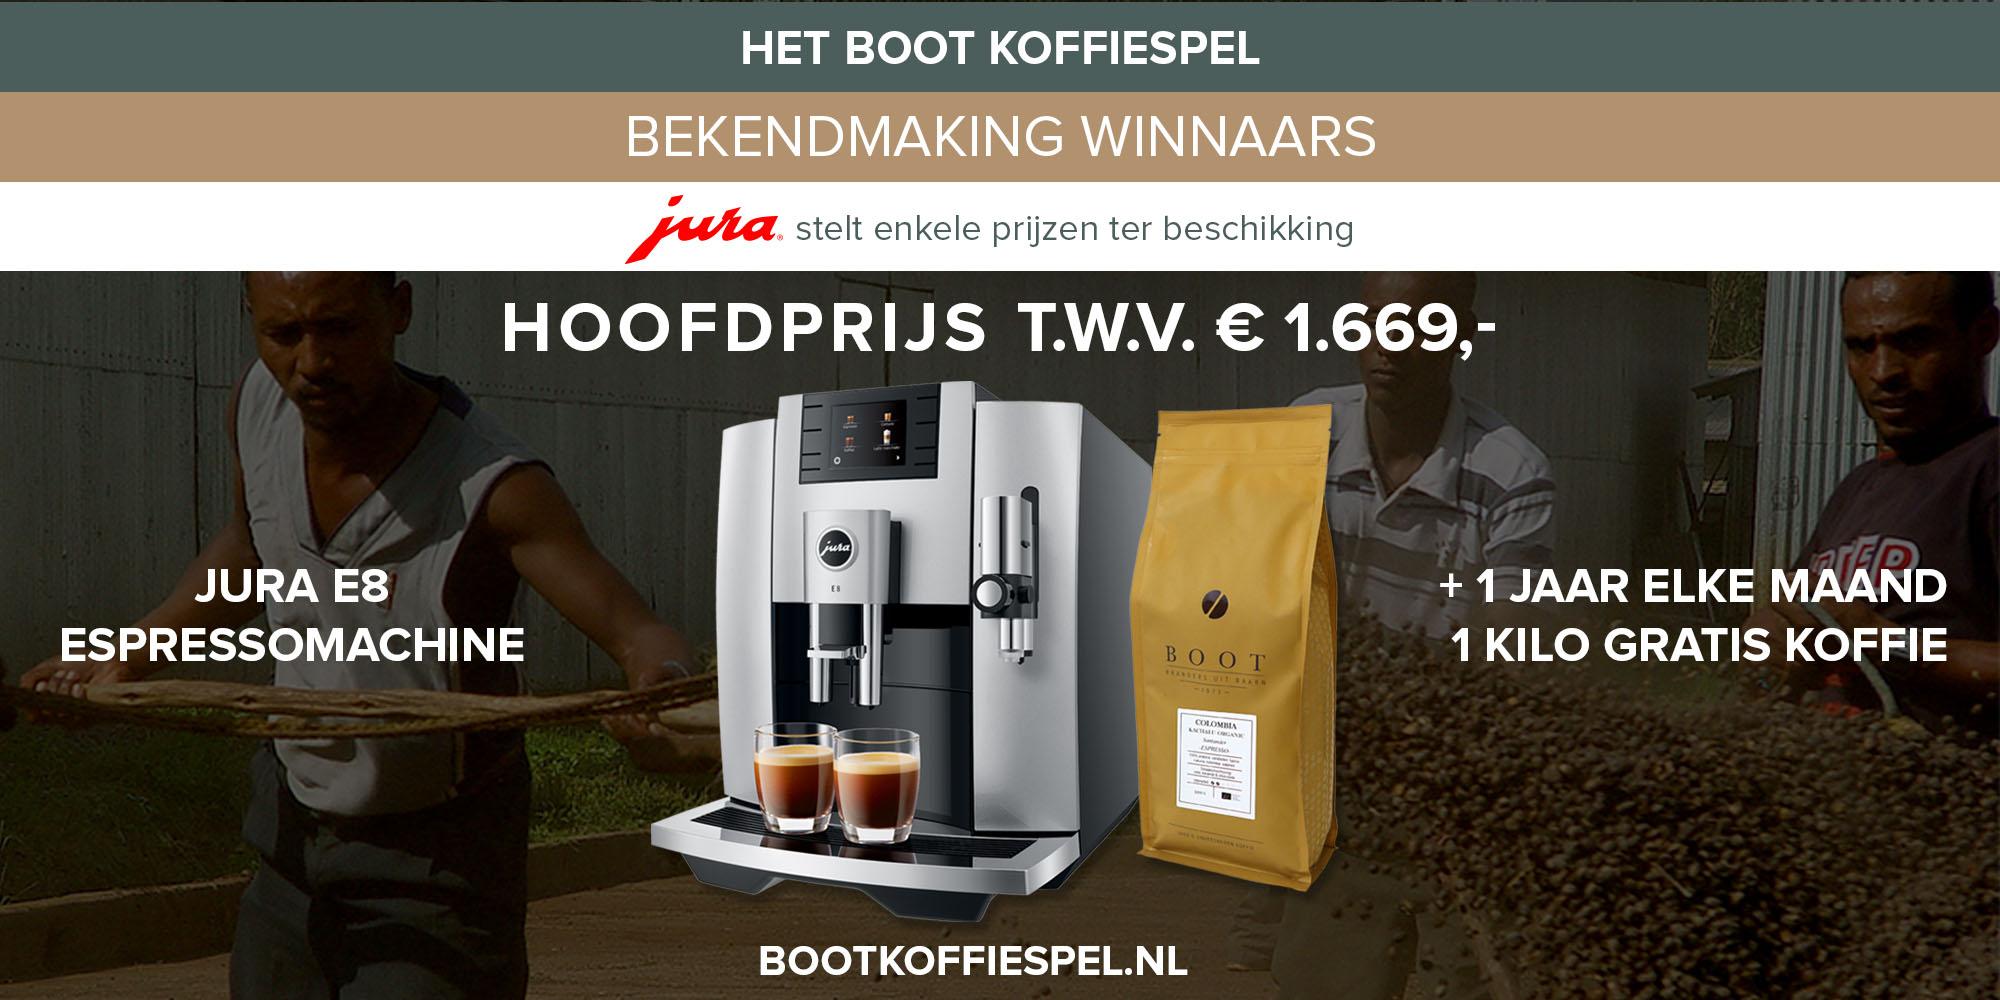 Het Boot Koffiespel - en de winnaars zijn...